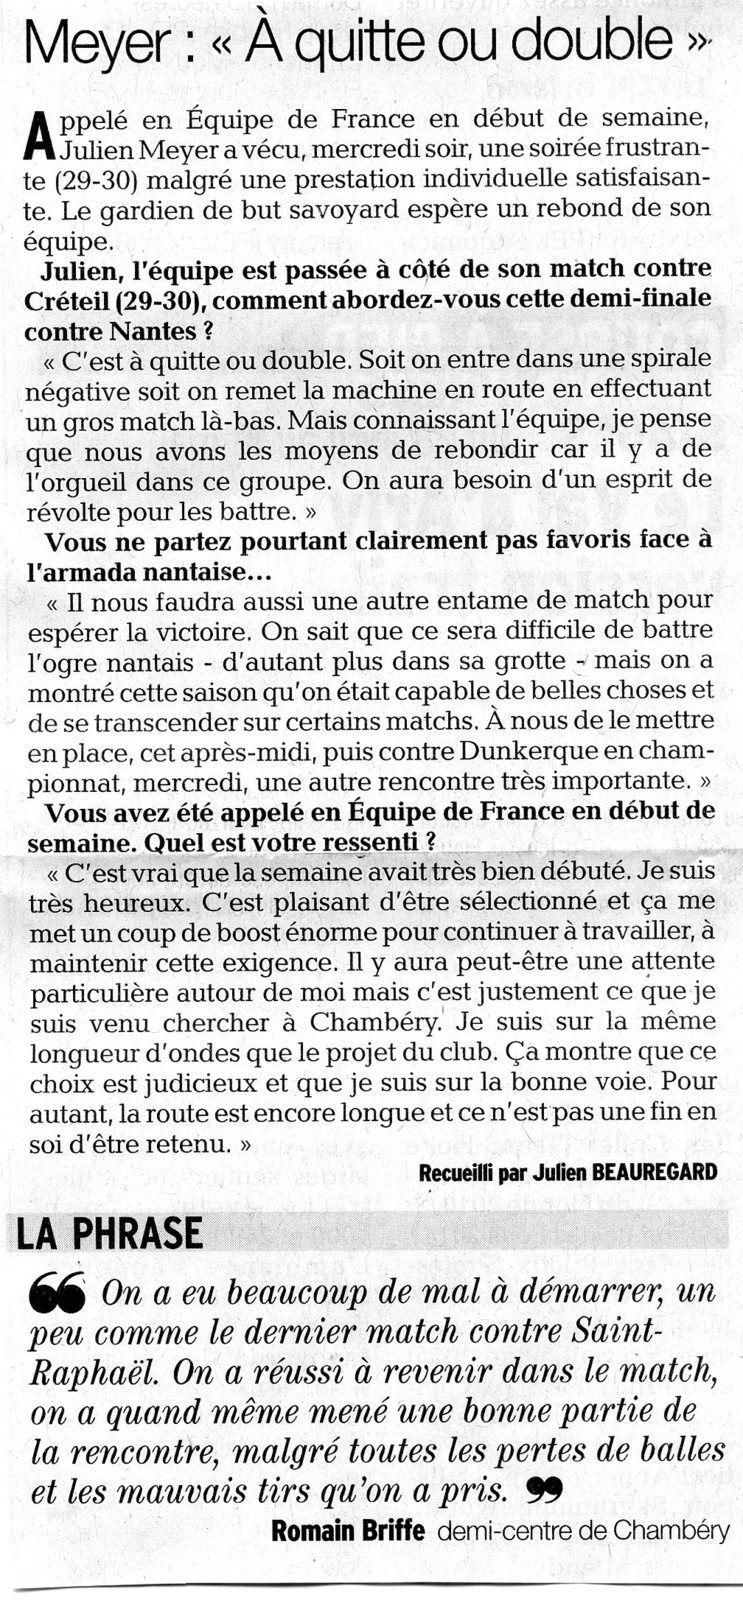 Dauphiné Libéré du dimanche 16 avril 2017 / Julien BEAUREGARD